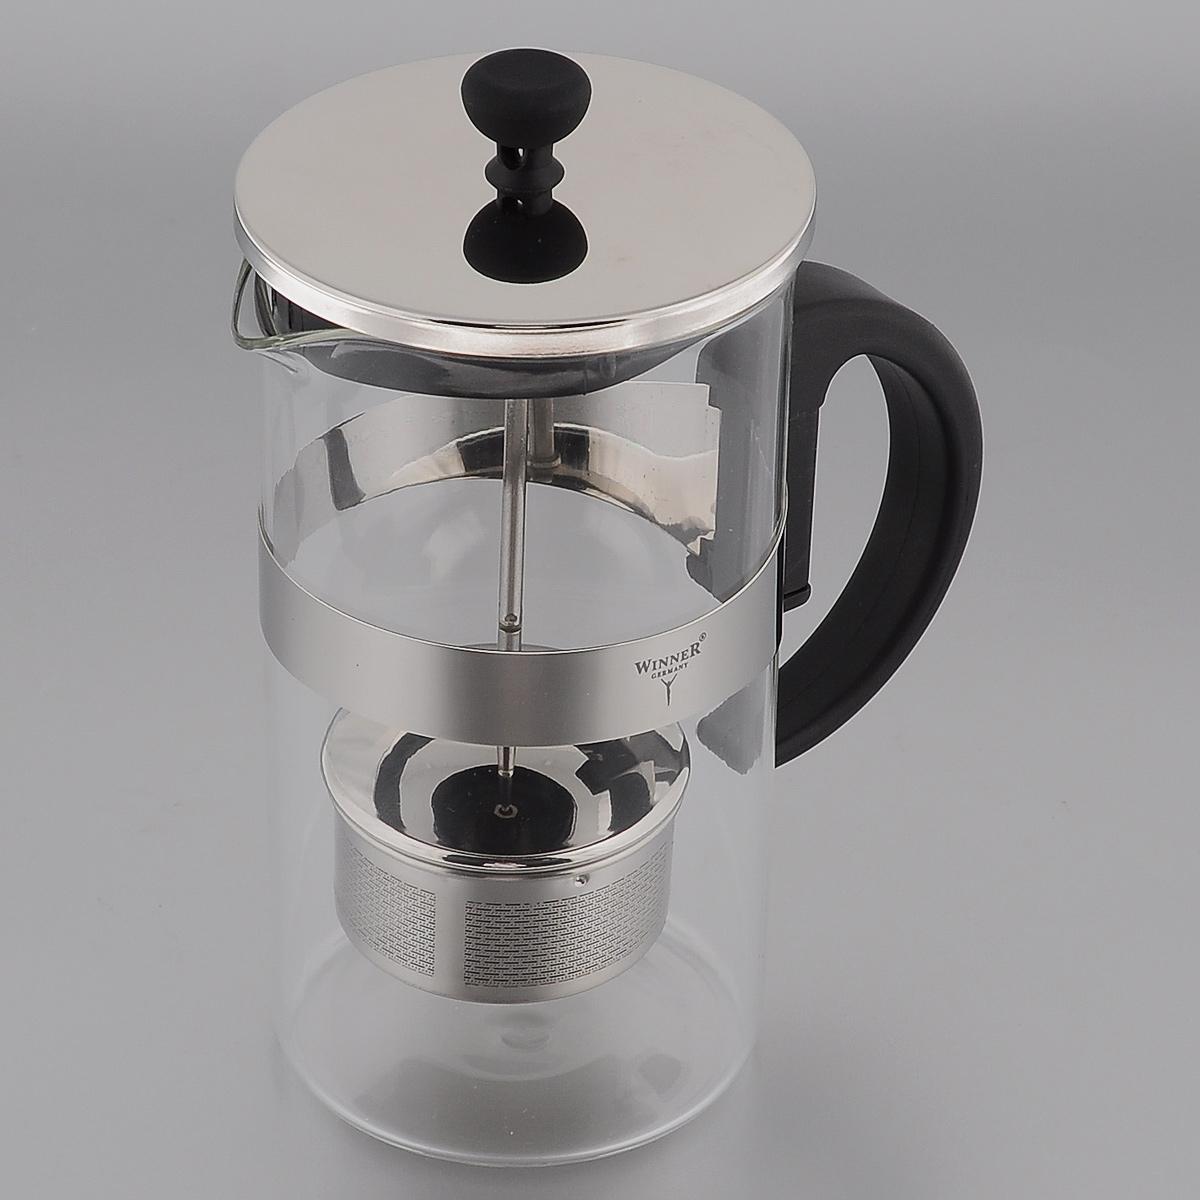 Френч-пресс Winner, 1 л. WR-5222VT-1520(SR)Френч-пресс Winner, изготовленный из термостойкого стекла с пластиковой ручкой, предоставит вам все необходимые возможности для успешного заваривания чая. Чай в таком чайнике дольше остается горячим, а полезные и ароматические вещества полностью сохраняются в напитке. Изделие оснащено фильтром, крышкой и удобным поршнем из нержавеющей стали, который поможет дозировать степень заварки напитка. Простой и удобный френч-пресс Winner поможет вам приготовить крепкий, ароматный чай.Нельзя мыть в посудомоечной машине. Не использовать в микроволновой печи.Диаметр чайника (по верхнему краю): 9,5 см.Высота чайника (без учета крышки): 18 см.Высота фильтра: 3,5 см.